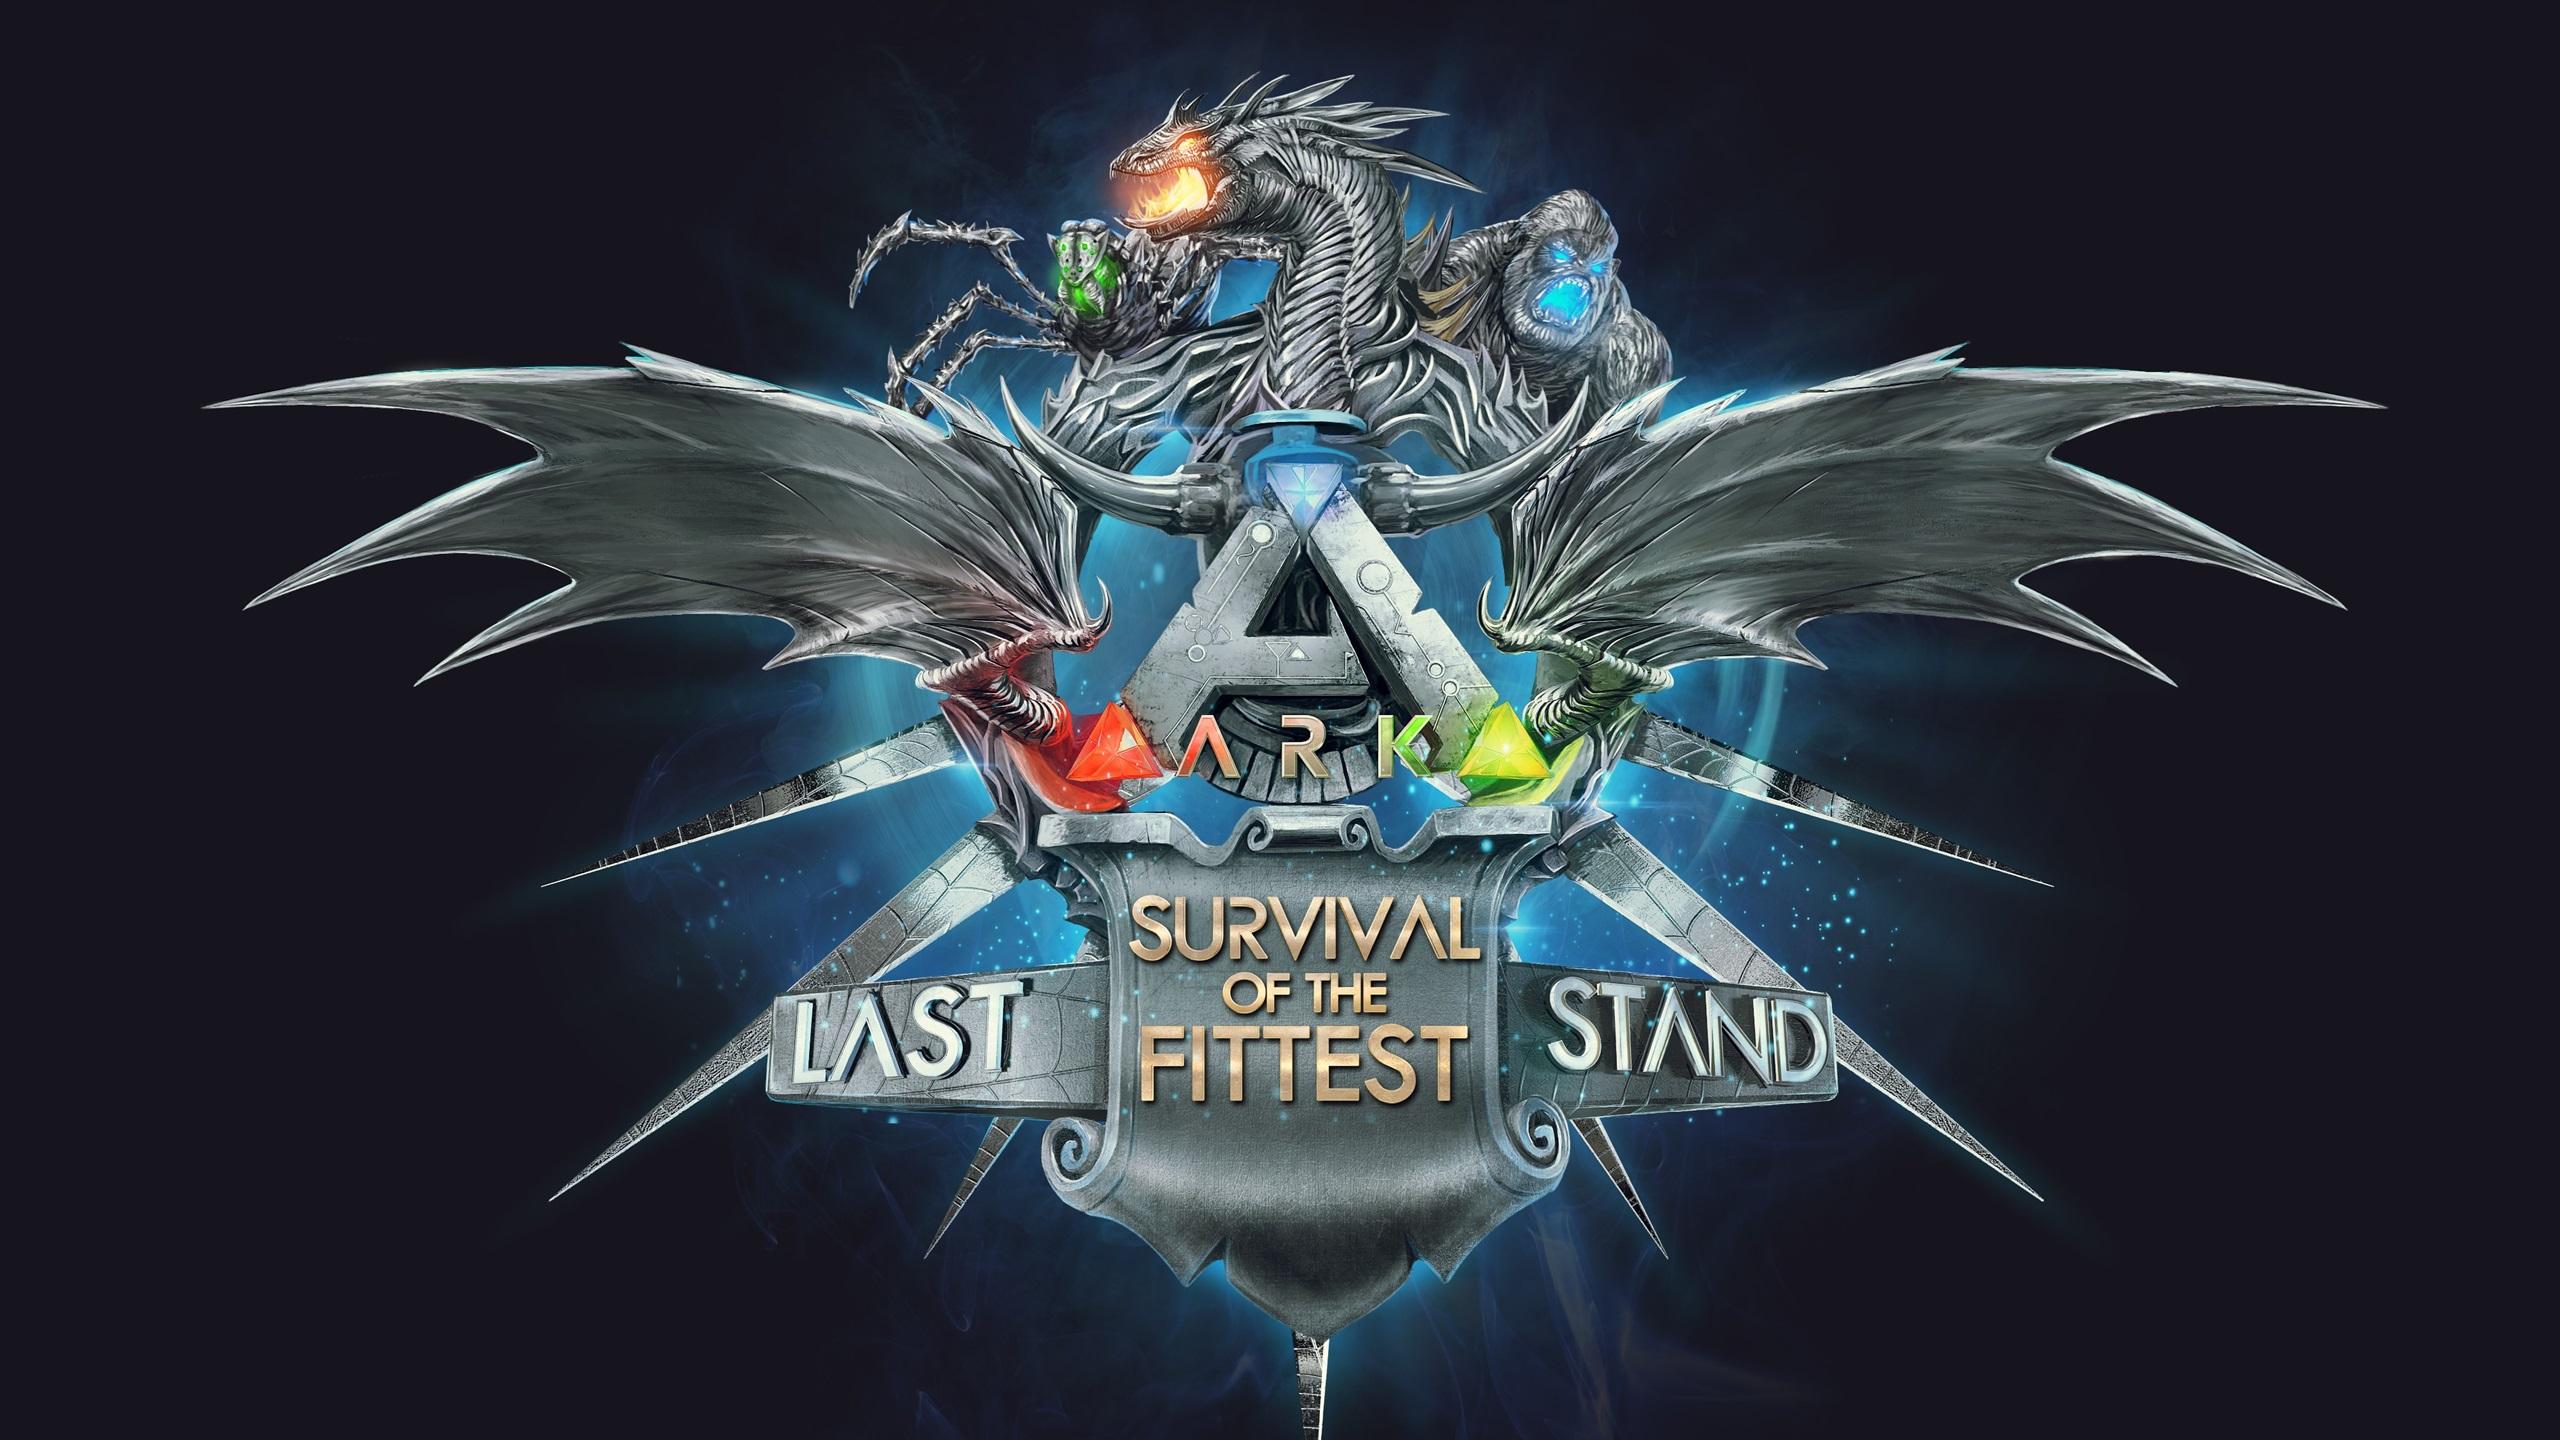 Ark survival of the fittest fonds d 39 cran 2560x1440 qhd for Fond ecran qhd